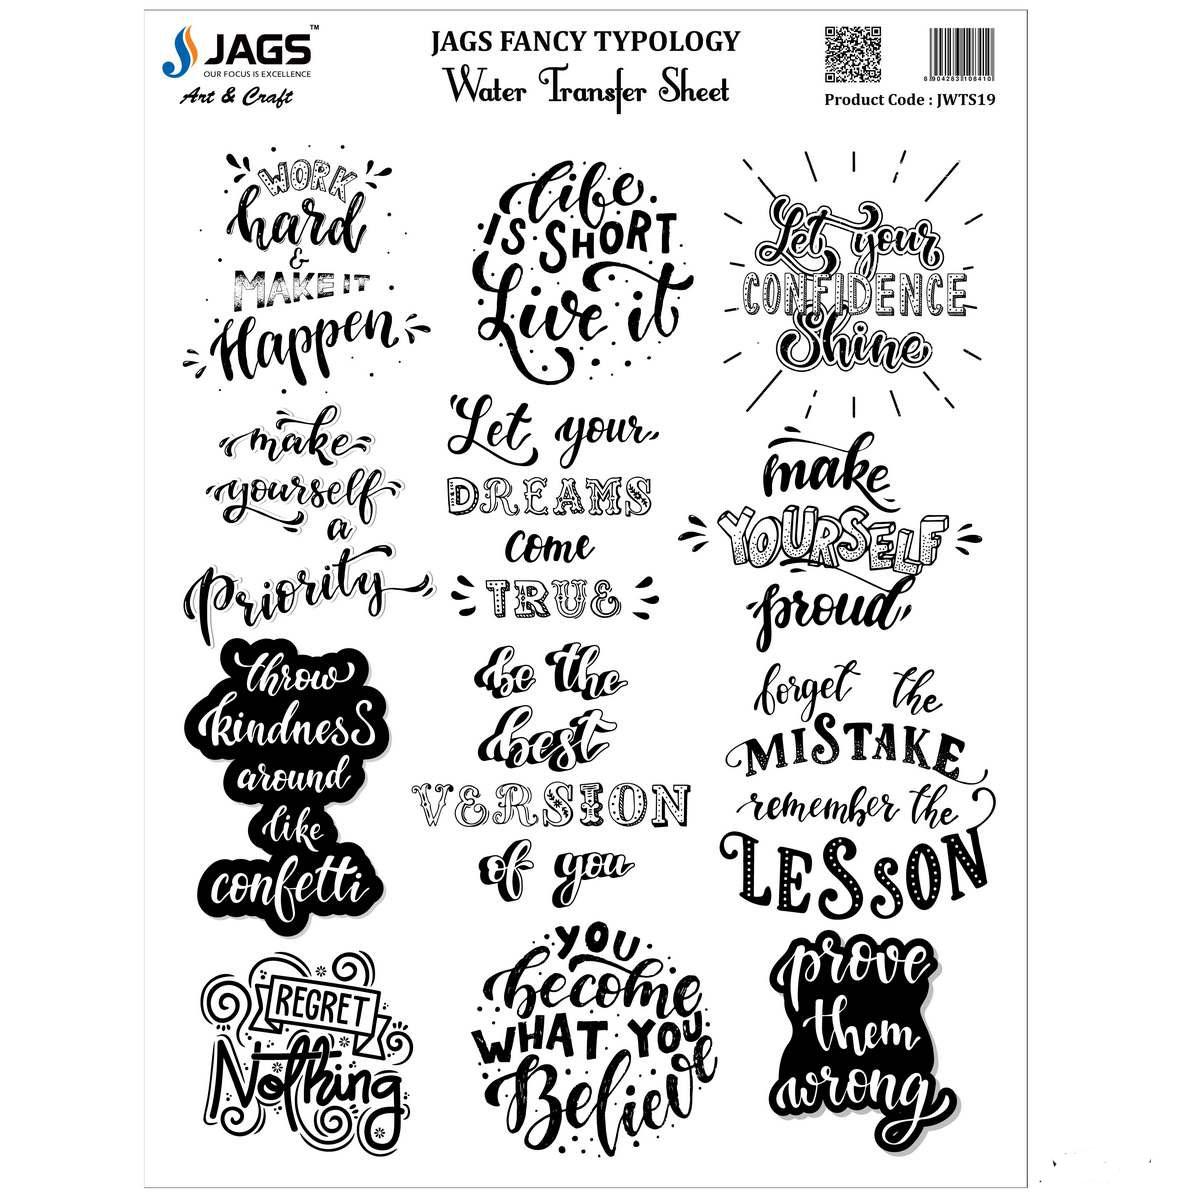 Jags Water Transfer Sheet Fancy Typology JWTS19